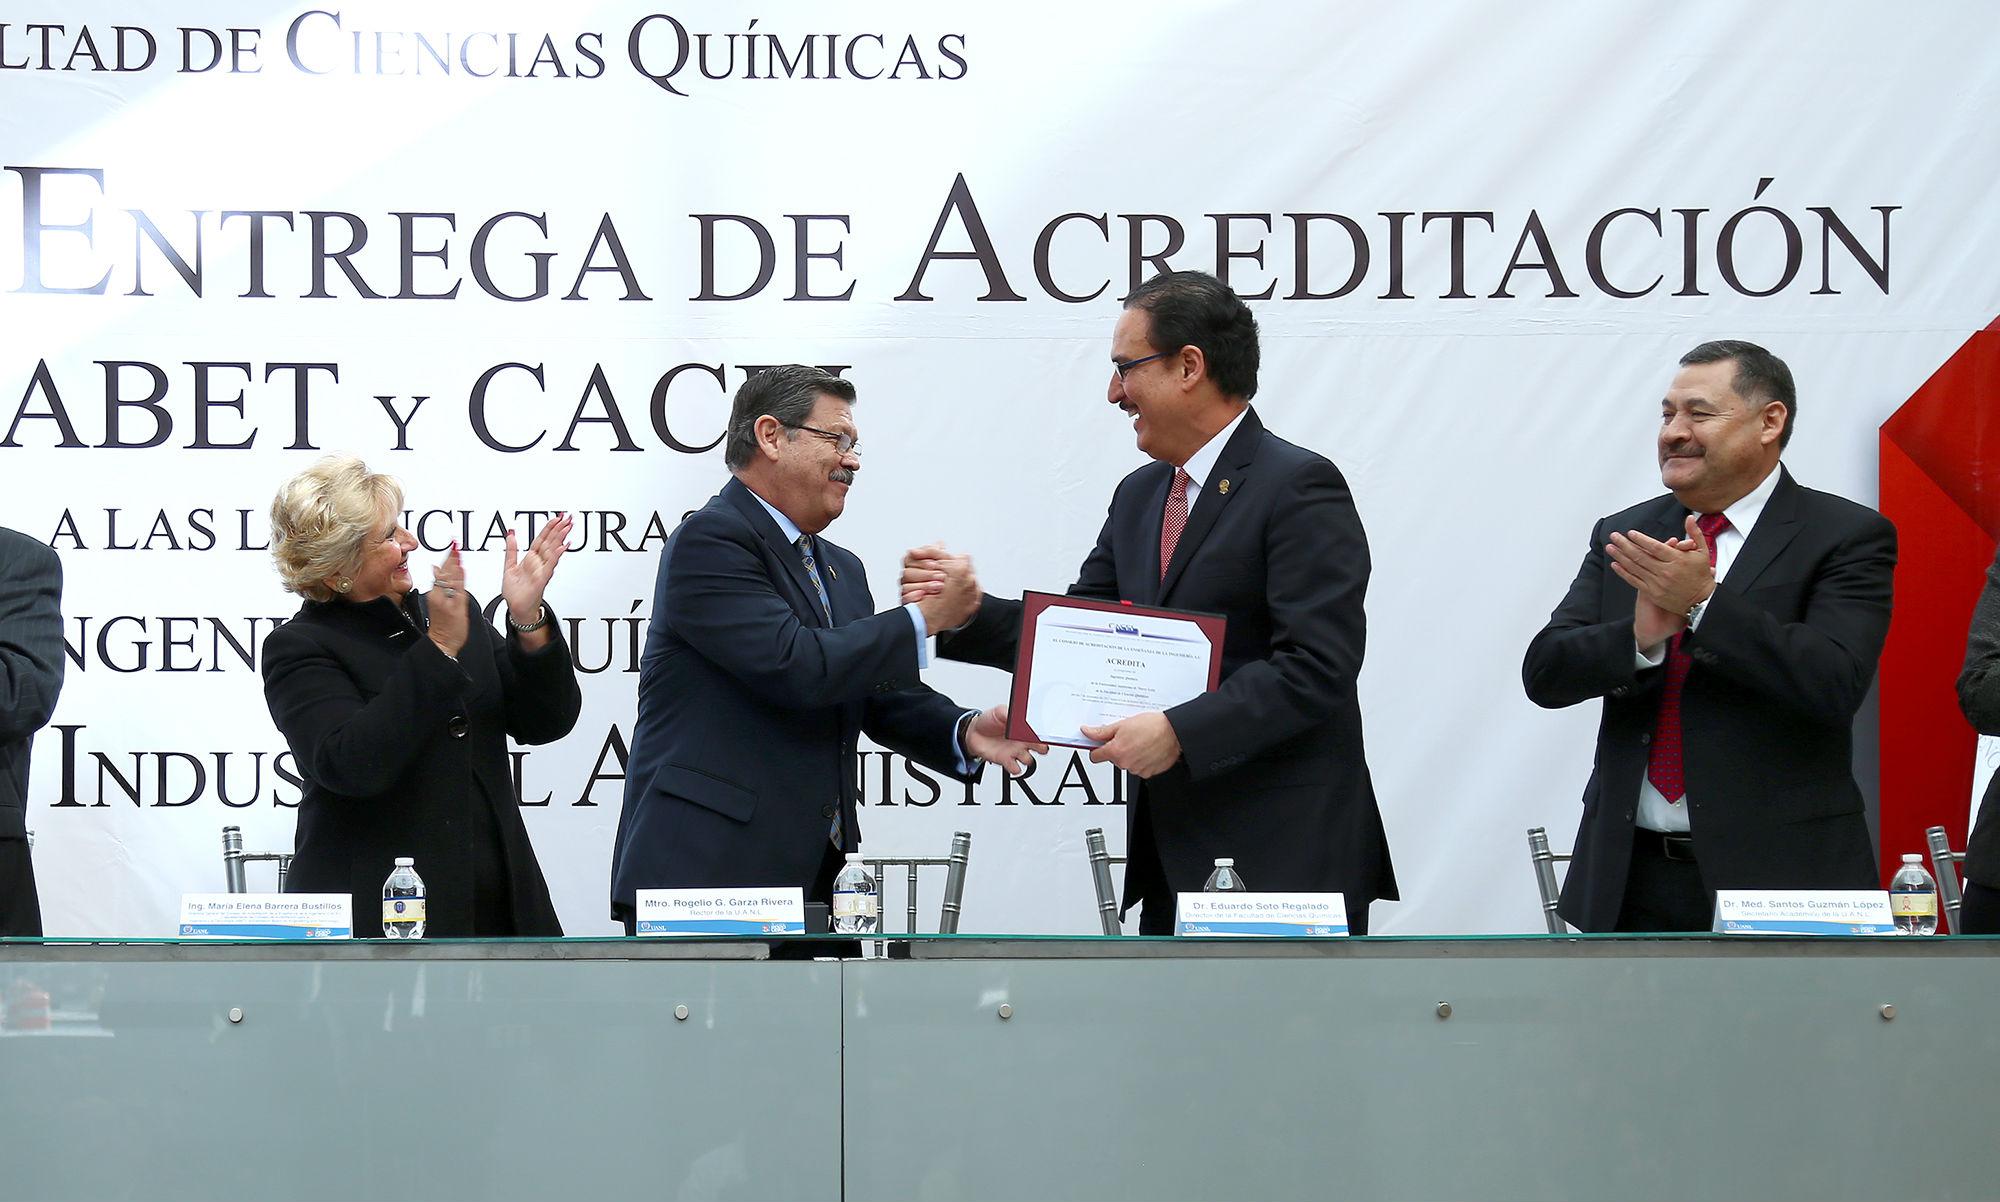 Entrega de la acreditación al director de la Facultad de Ciencias Químicas